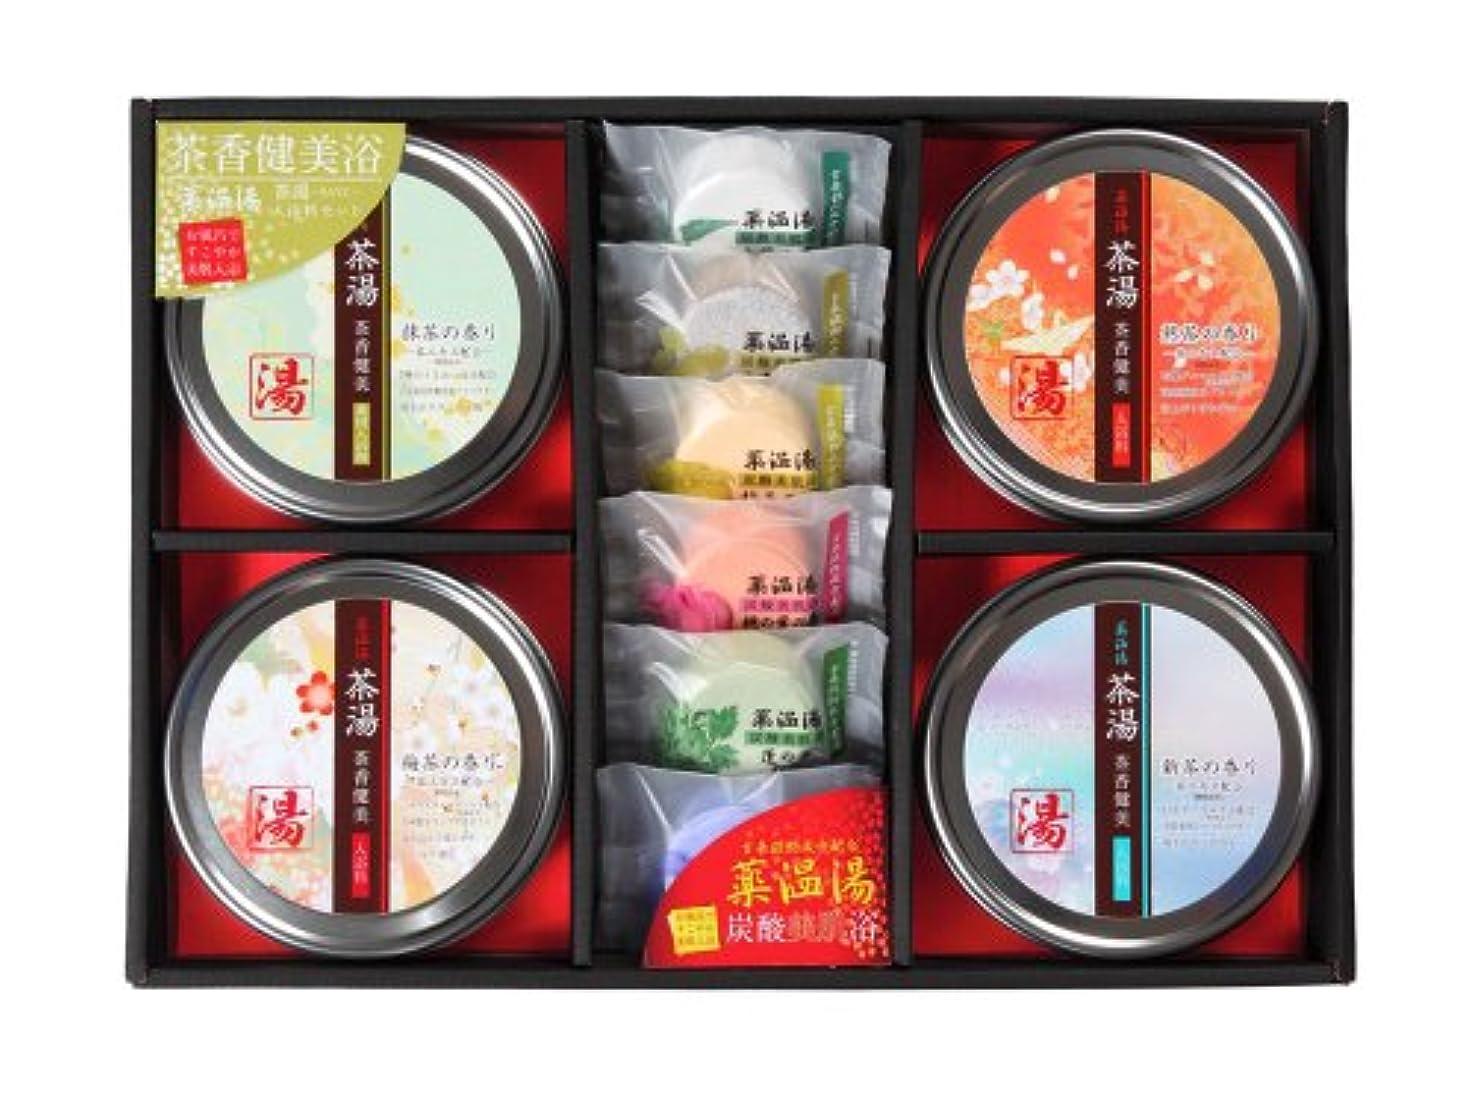 考えた風味ブラスト薬温湯 茶湯ギフトセット POF-50